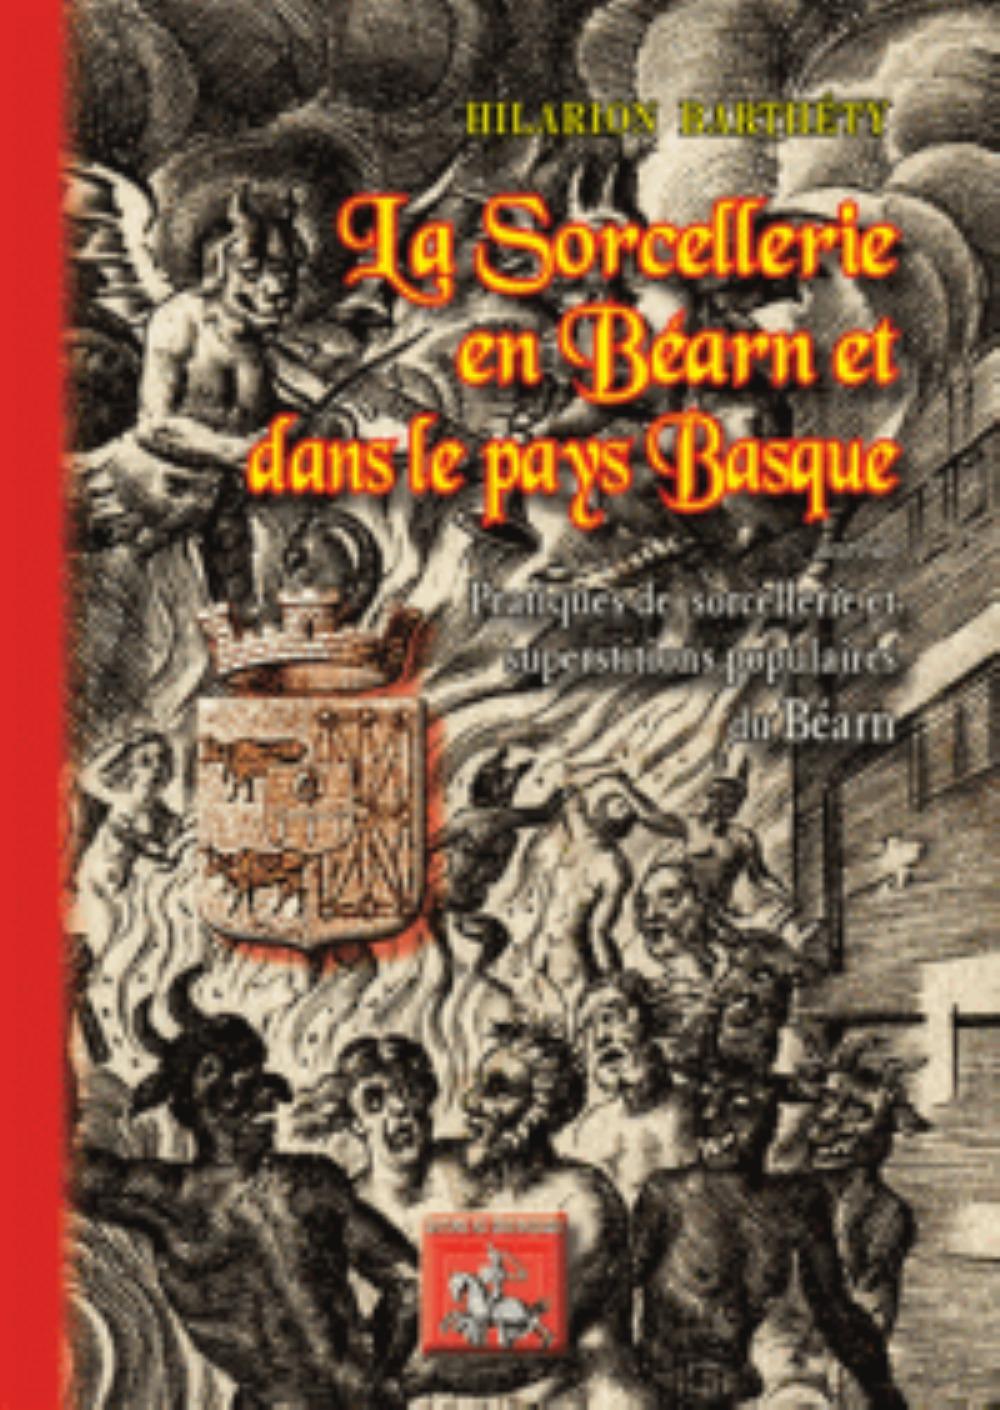 LA SORCELLERIE EN BEARN & DANS LE PAYS BASQUE, SUIVI DE : PRATIQUES DE SORCELLERIE... EN BEARN